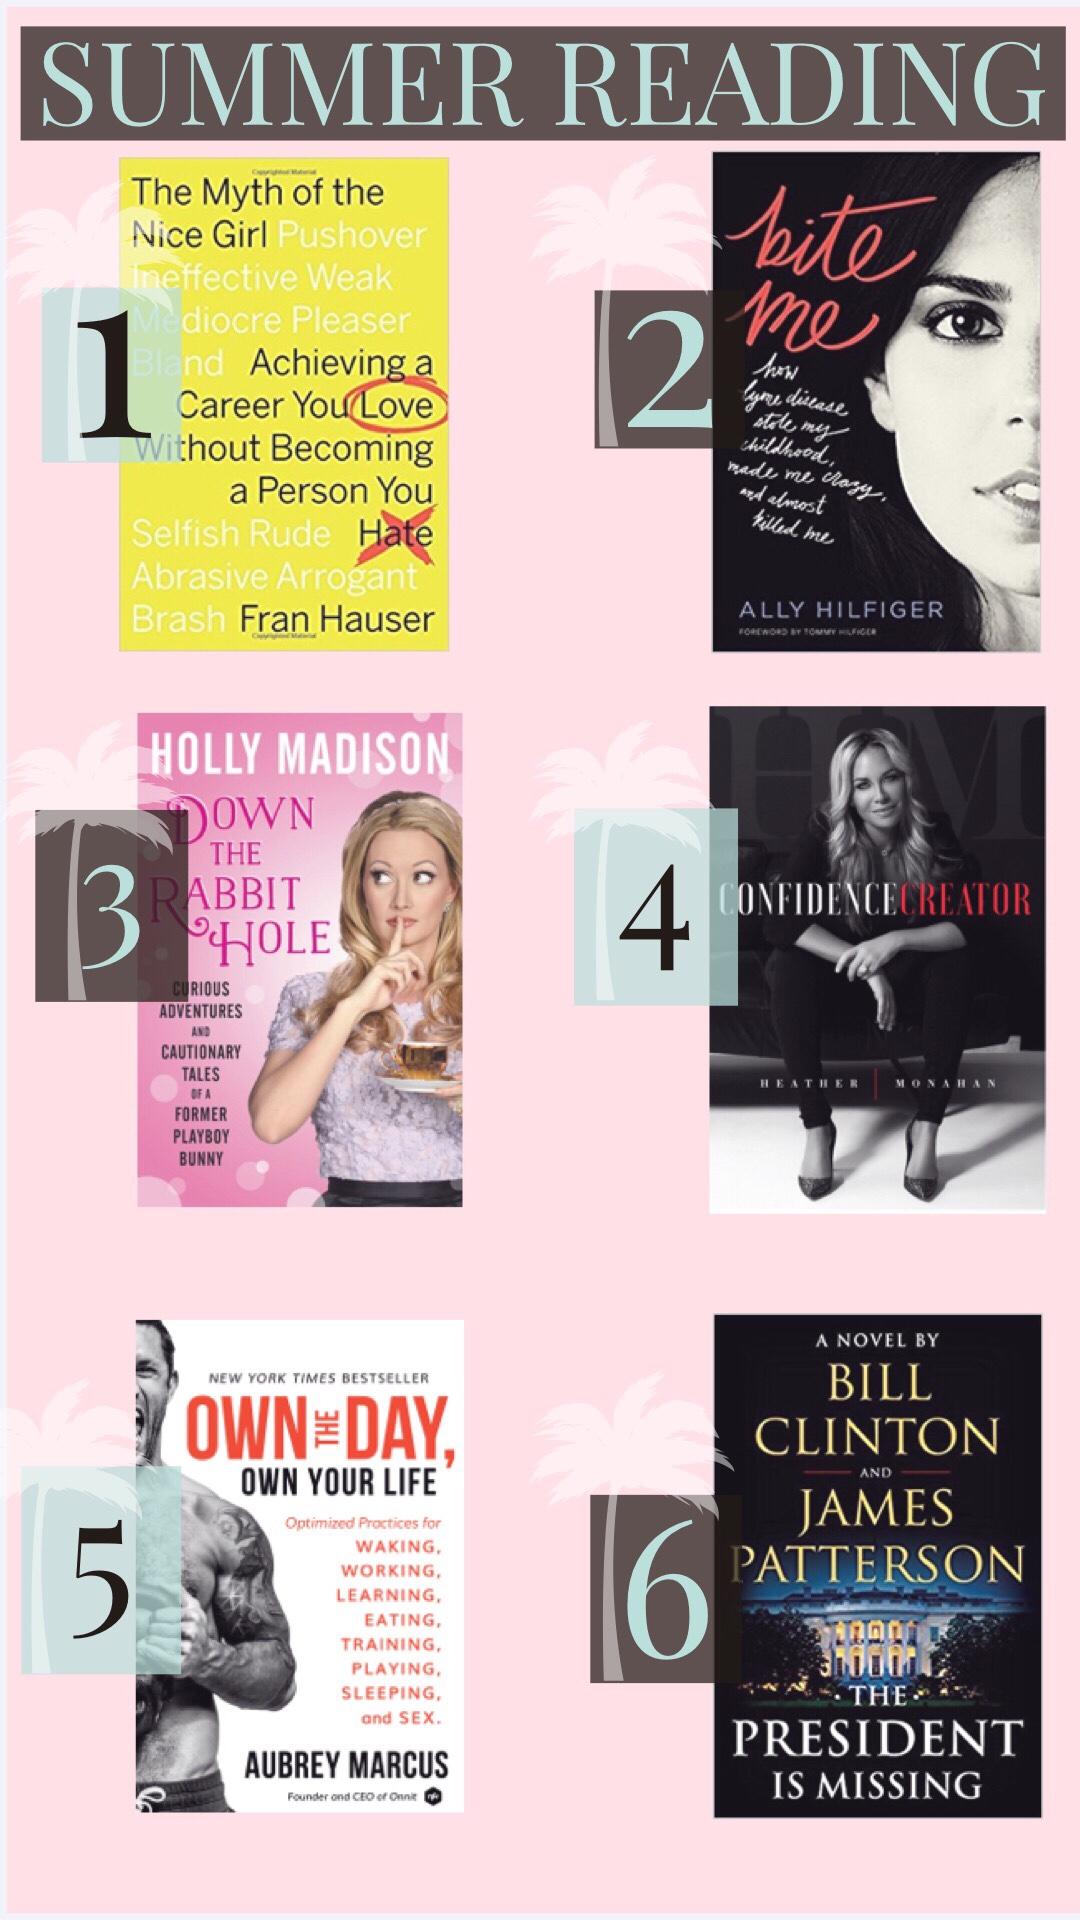 An Empowering + Fun Summer Reading List